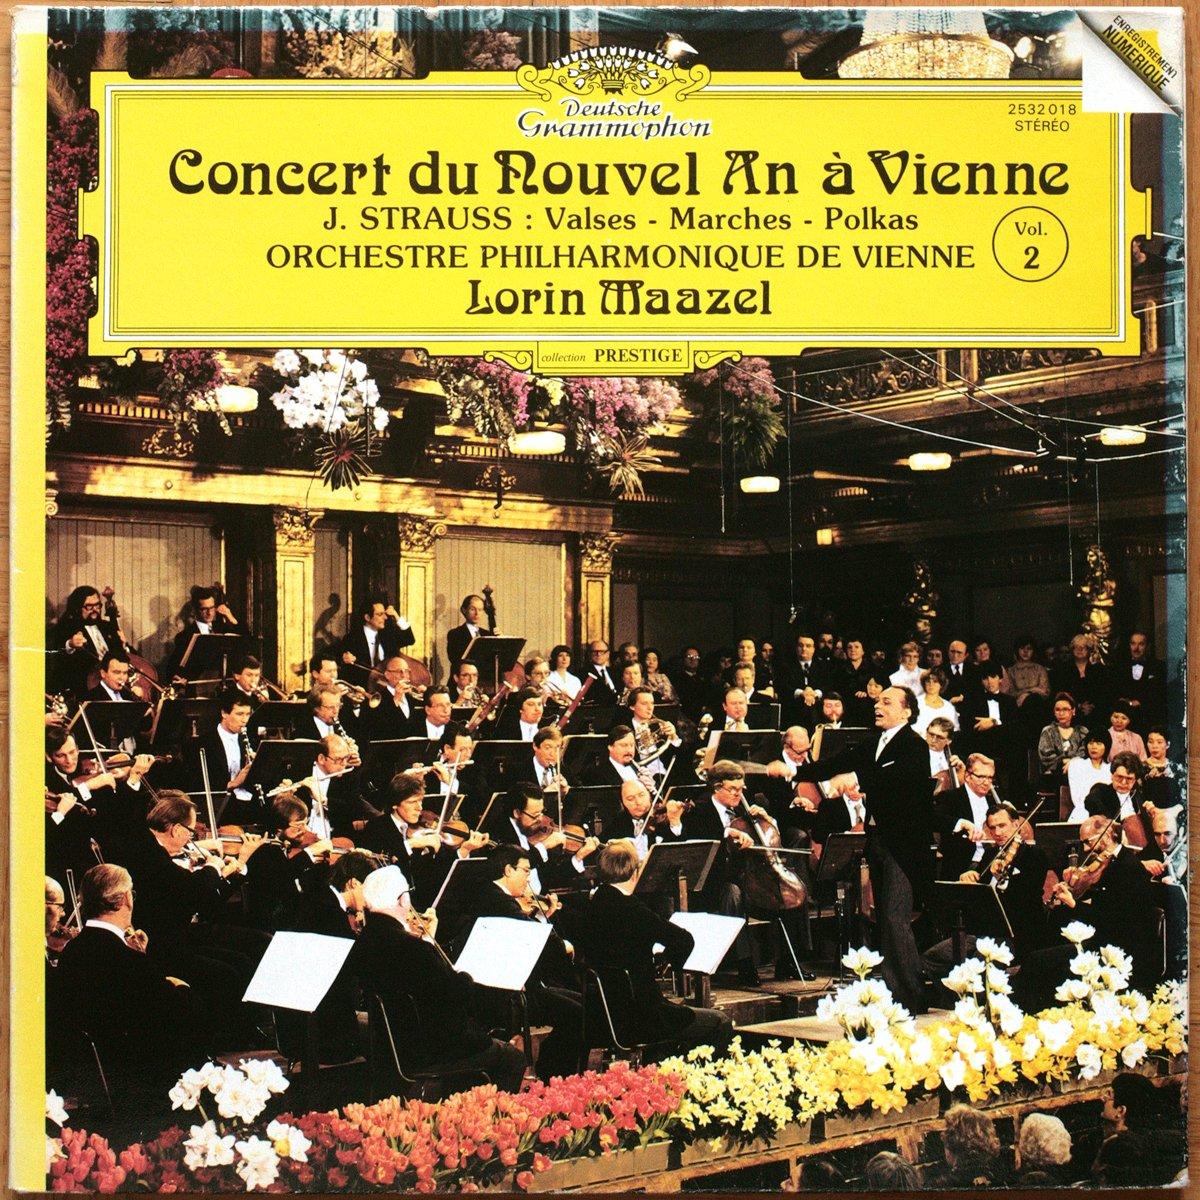 DGG 2532018 Strauss Concert Nouvel An 2 Maazel